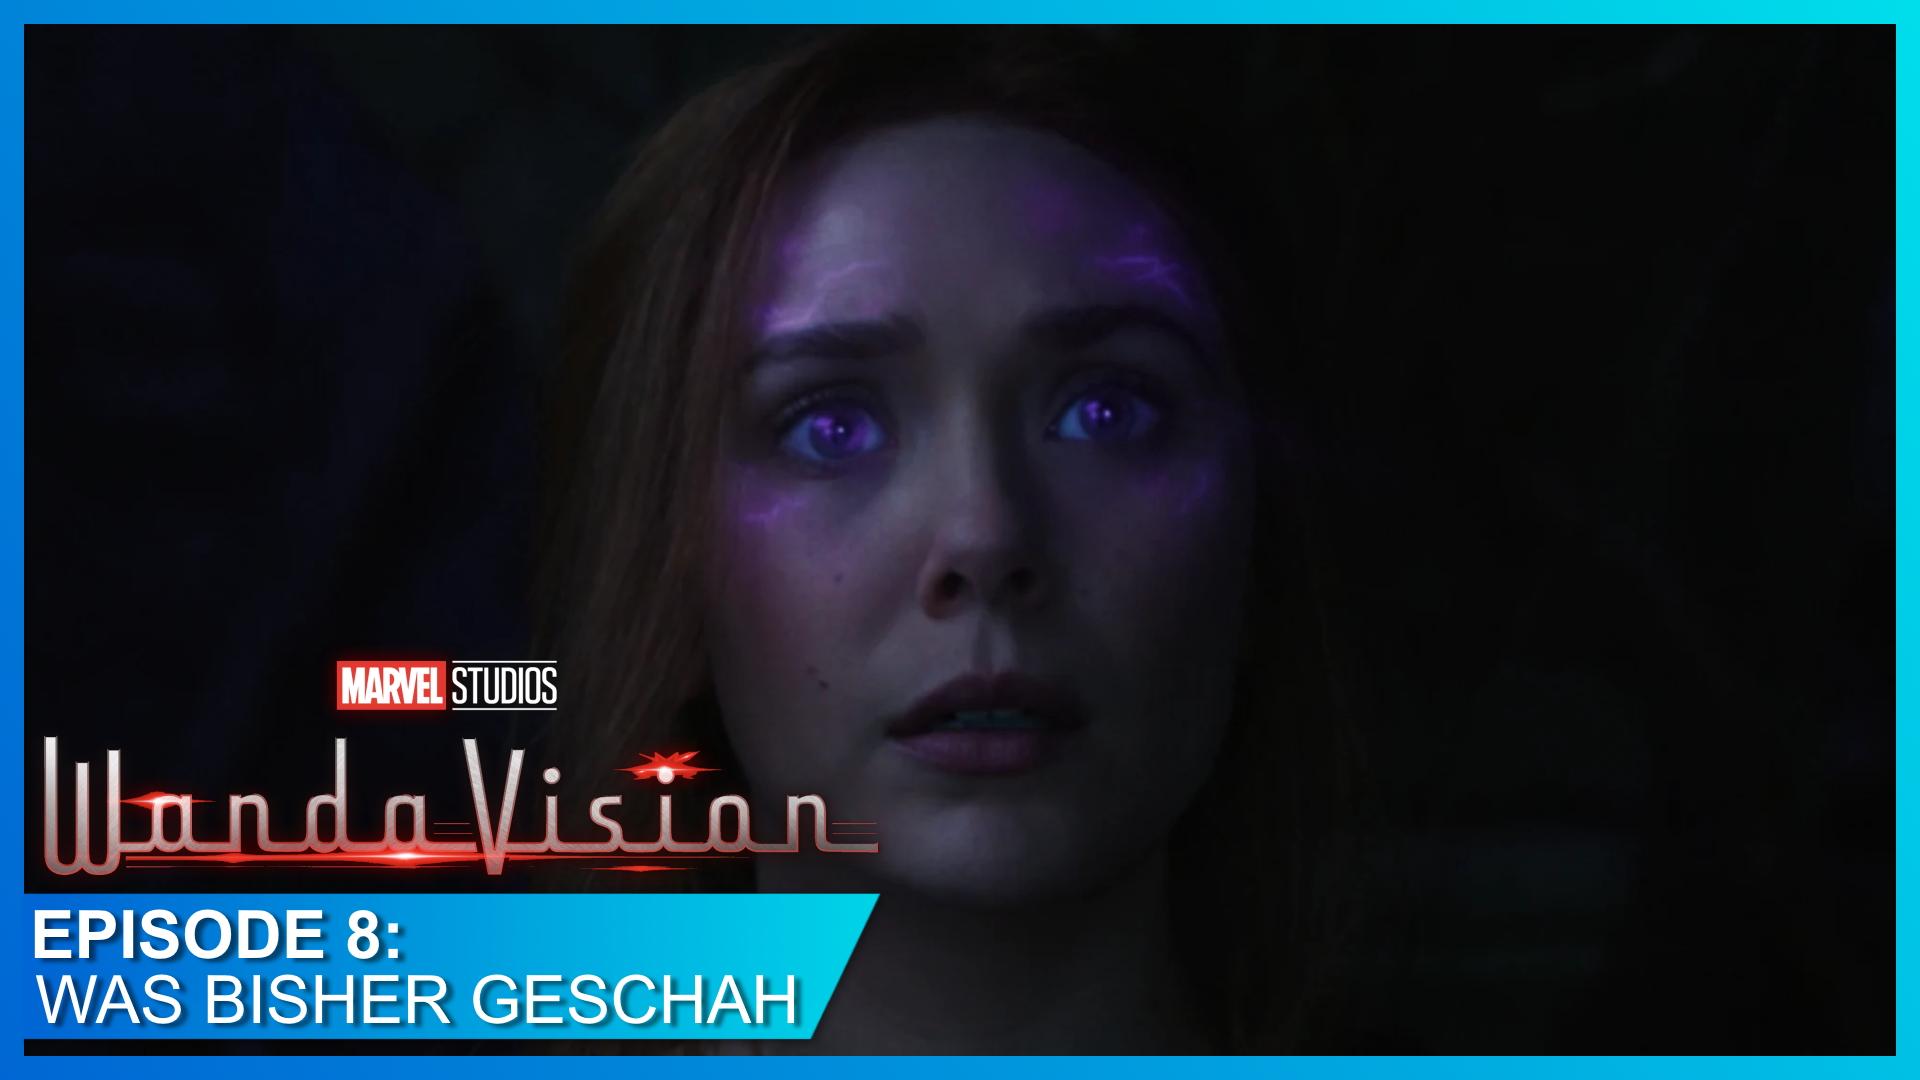 WandaVision: Was wir durch Episode 8 erfahren haben